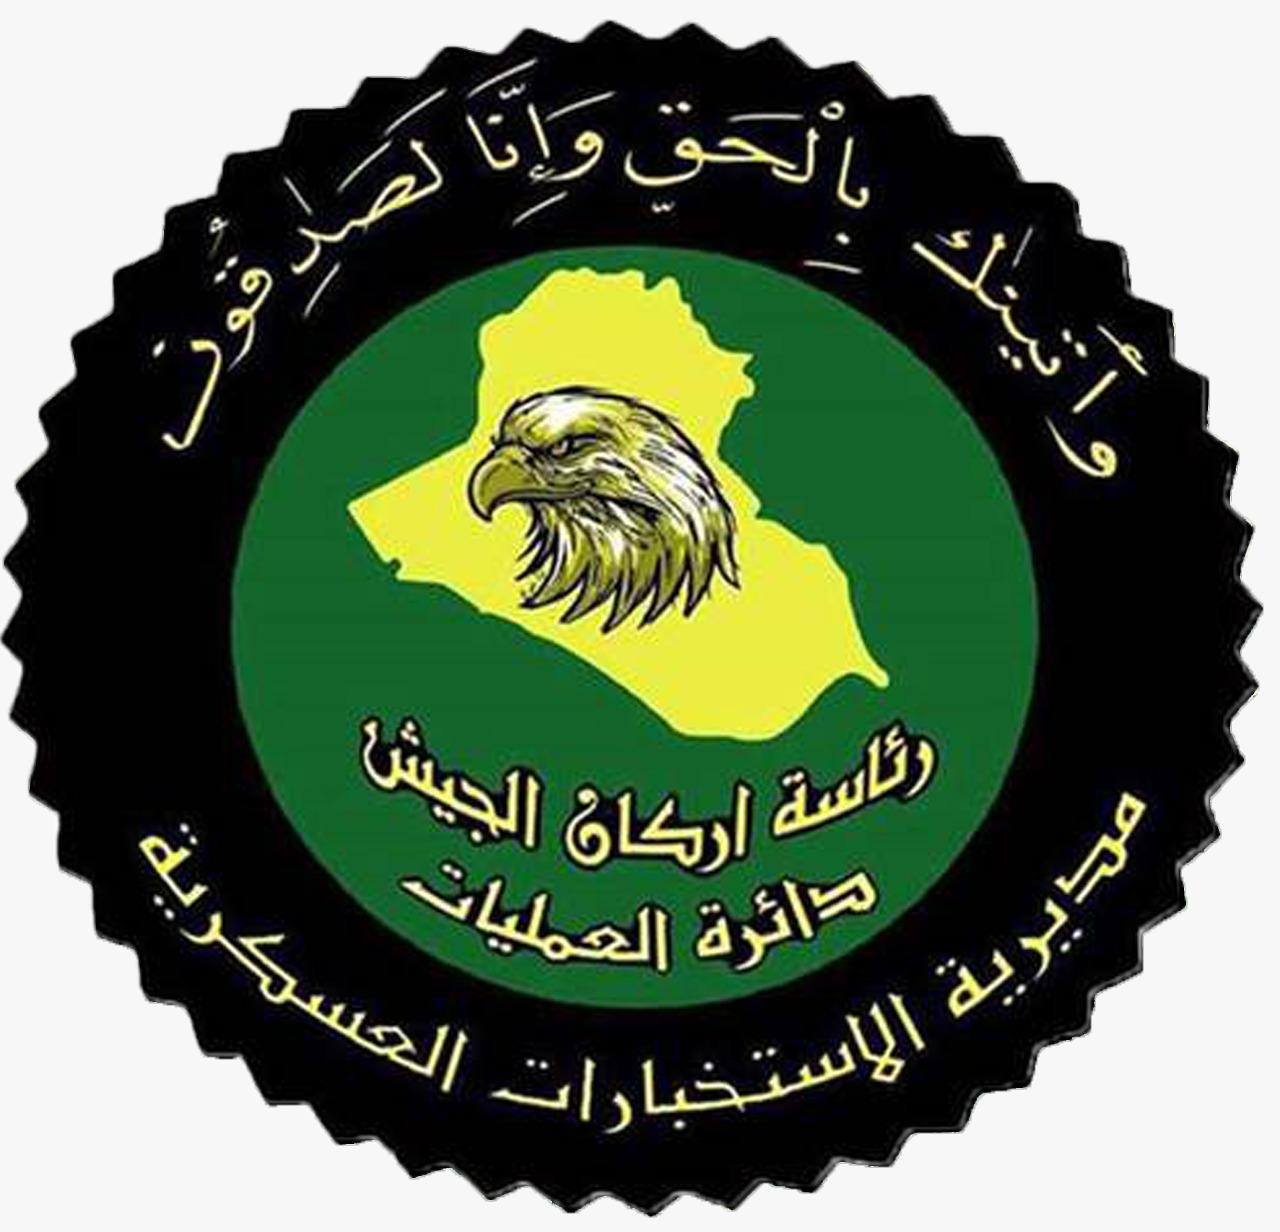 ( الاستخبارات العسكرية تلقي القبض على ثلاثة ارهابيين في سامراء ).